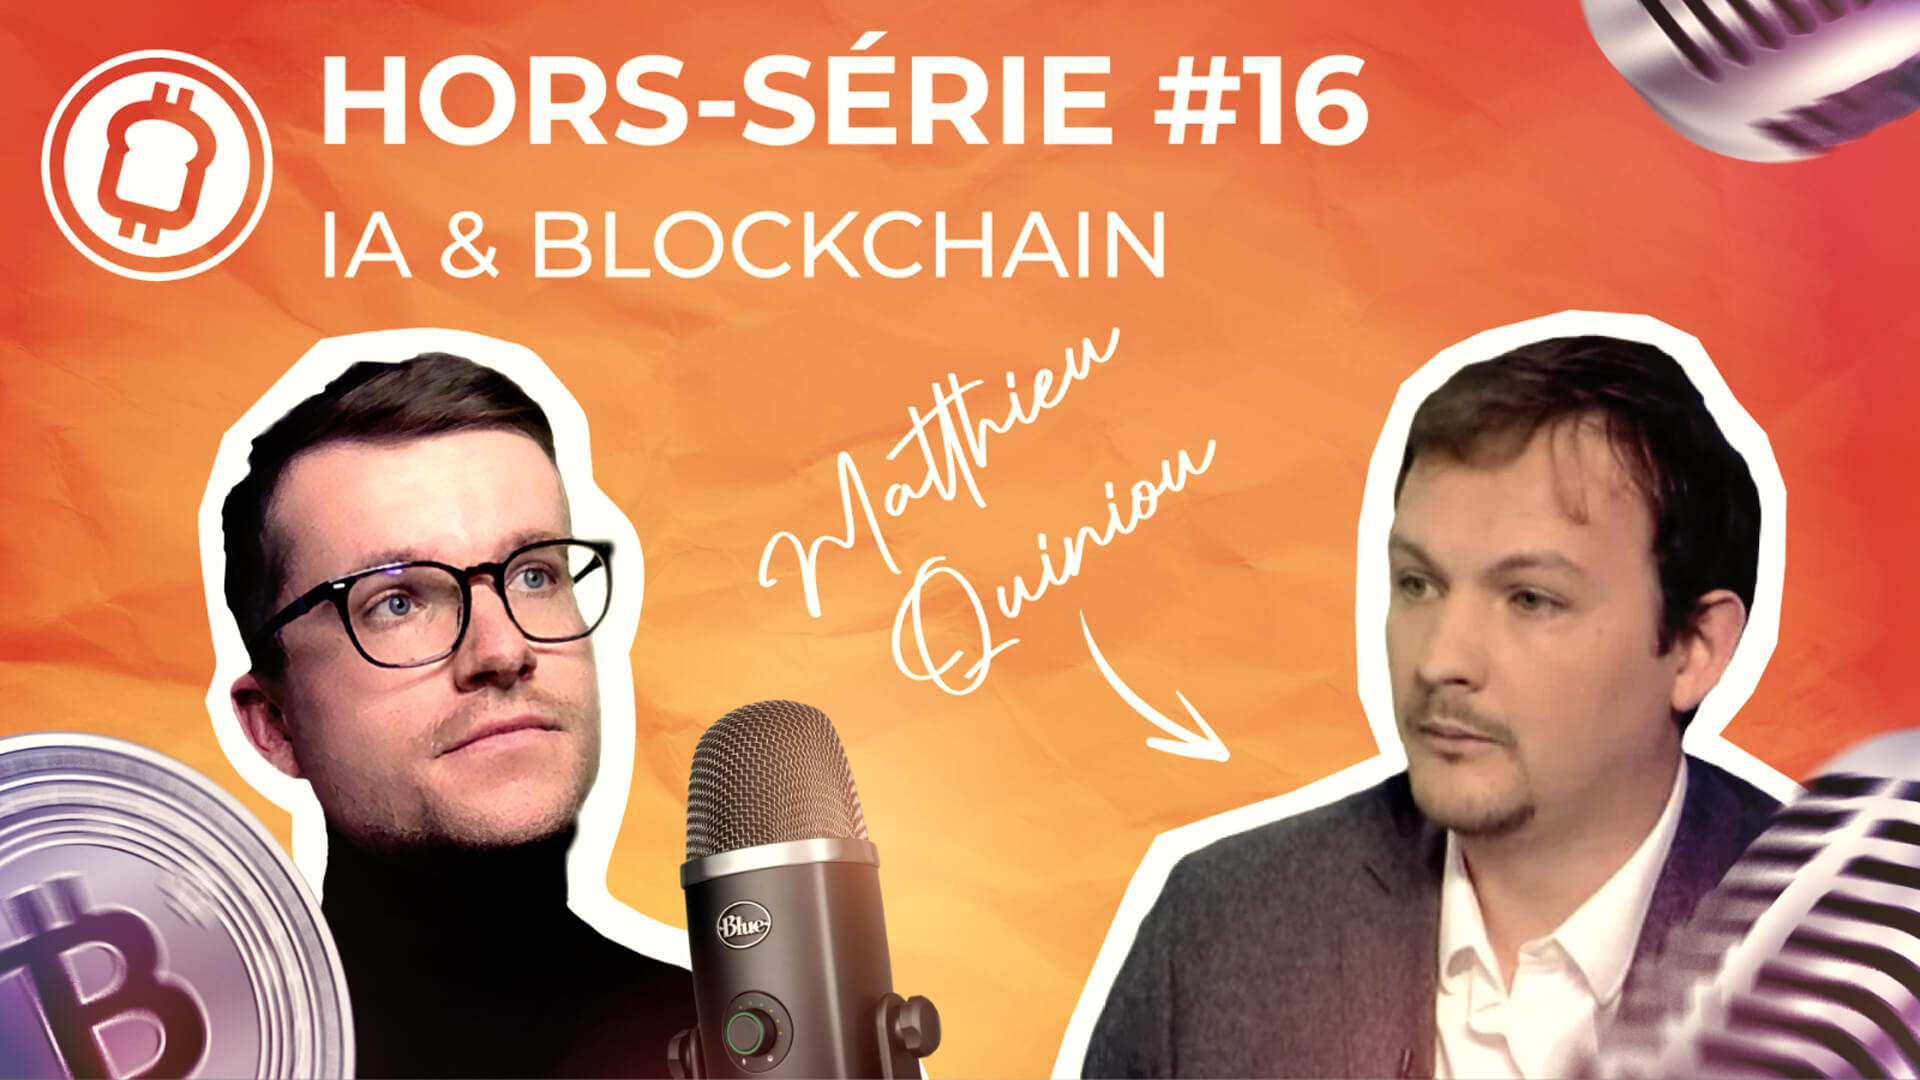 Podcast hors-série #16 - Intelligence artificielle et blockchain : Quels usages ? Avec Matthieu Quiniou